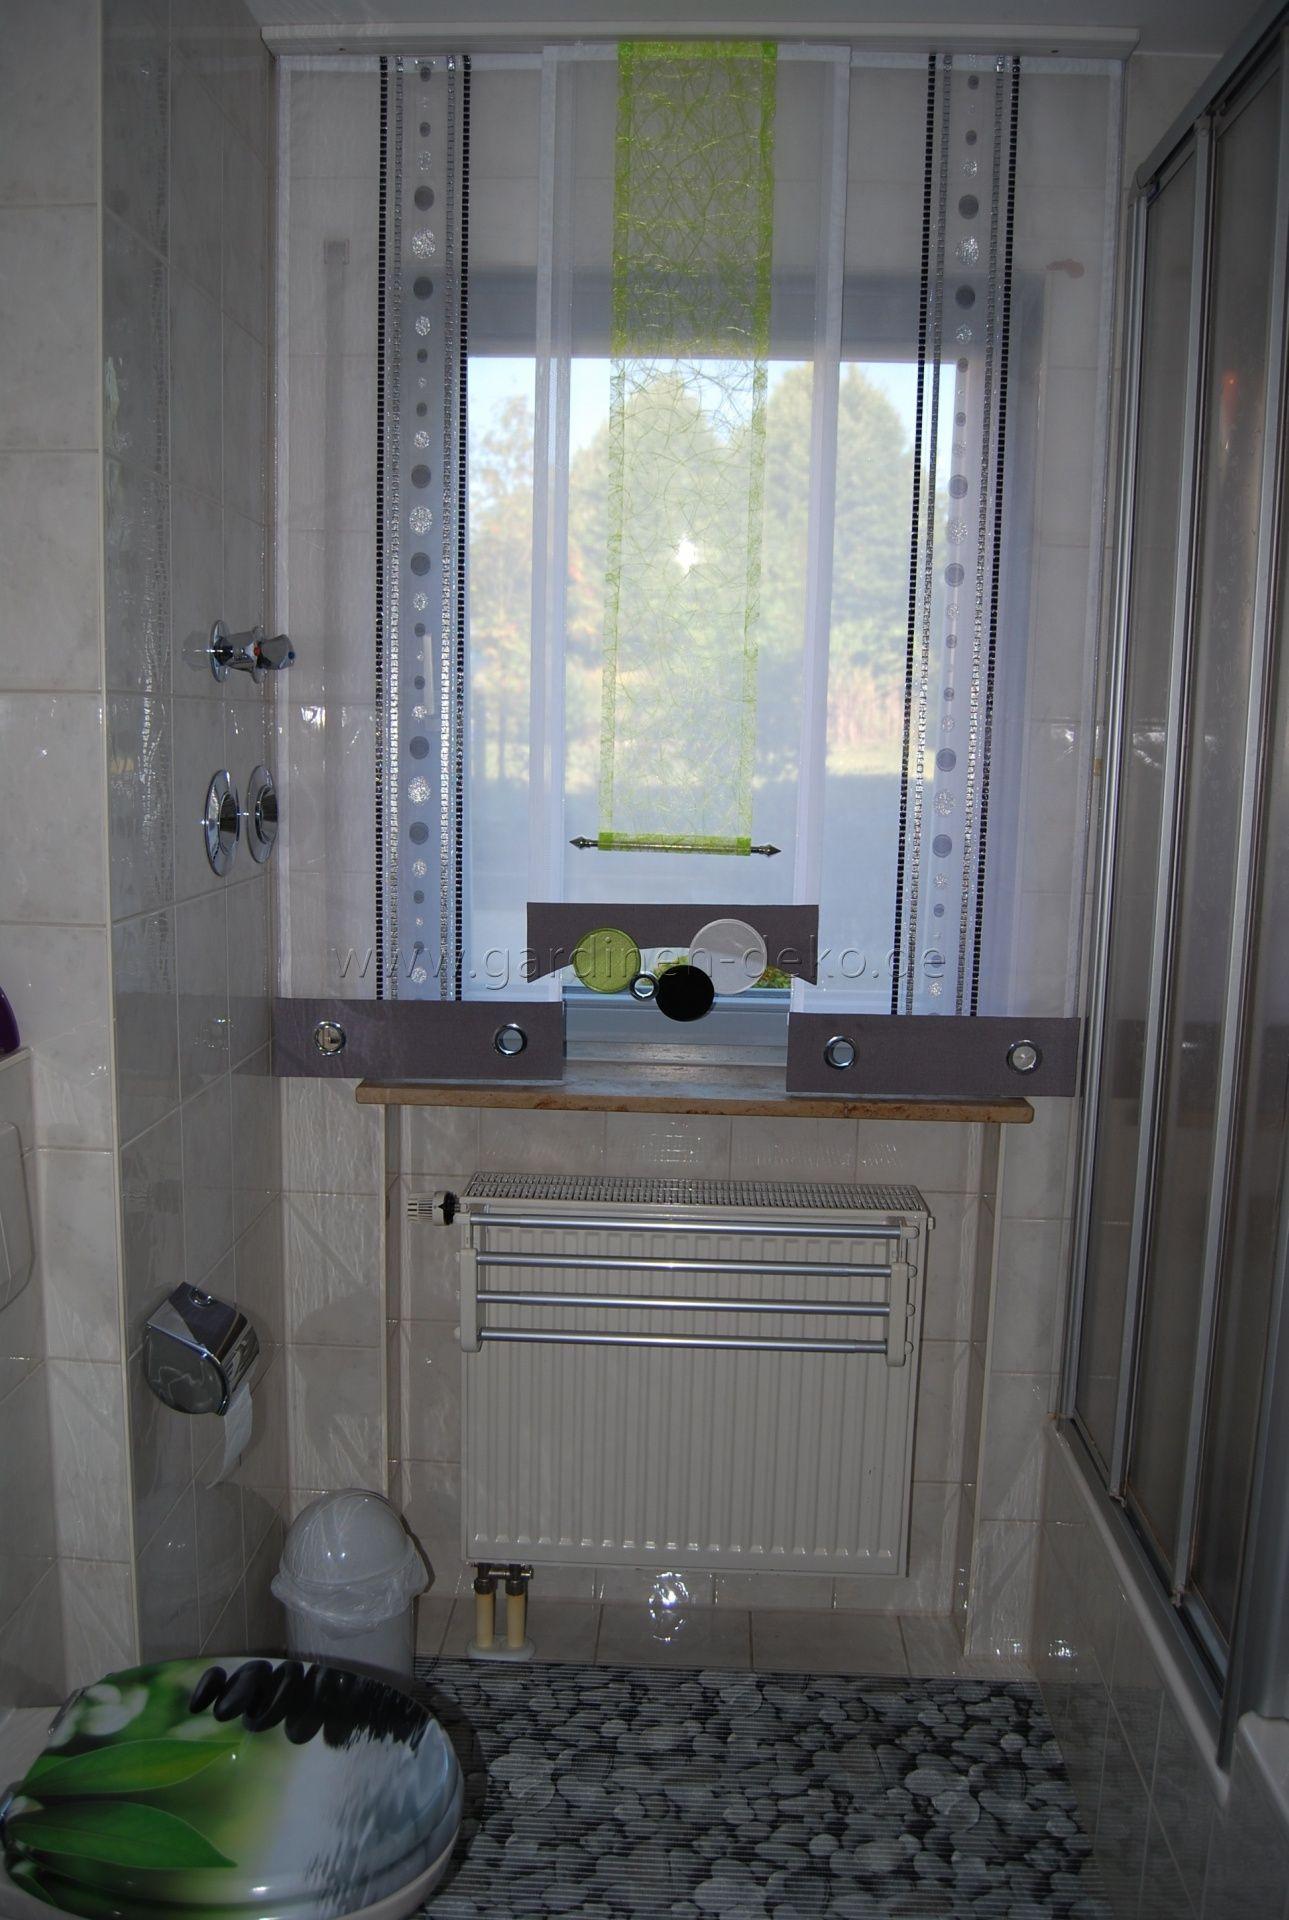 pin von gretzinger fensterdeko auf unsere arbeiten pinterest badezimmer bad und baden. Black Bedroom Furniture Sets. Home Design Ideas